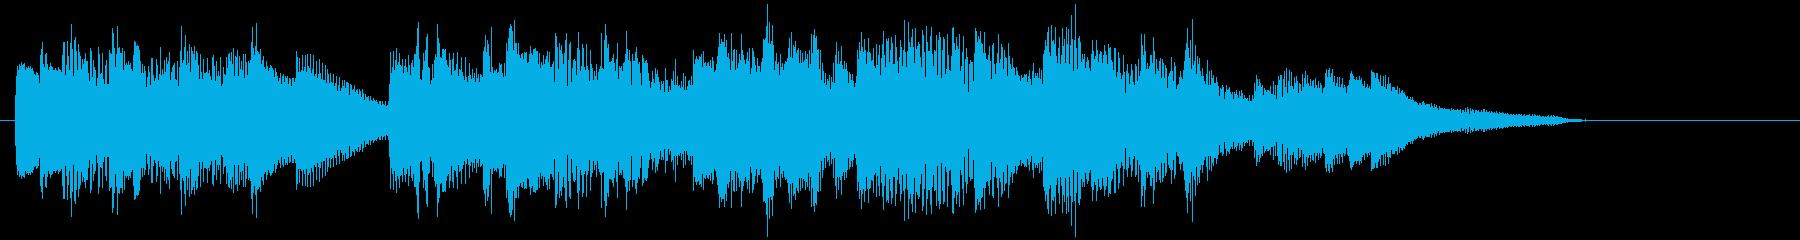 爽やかに駆け抜けるピアノジングルの再生済みの波形